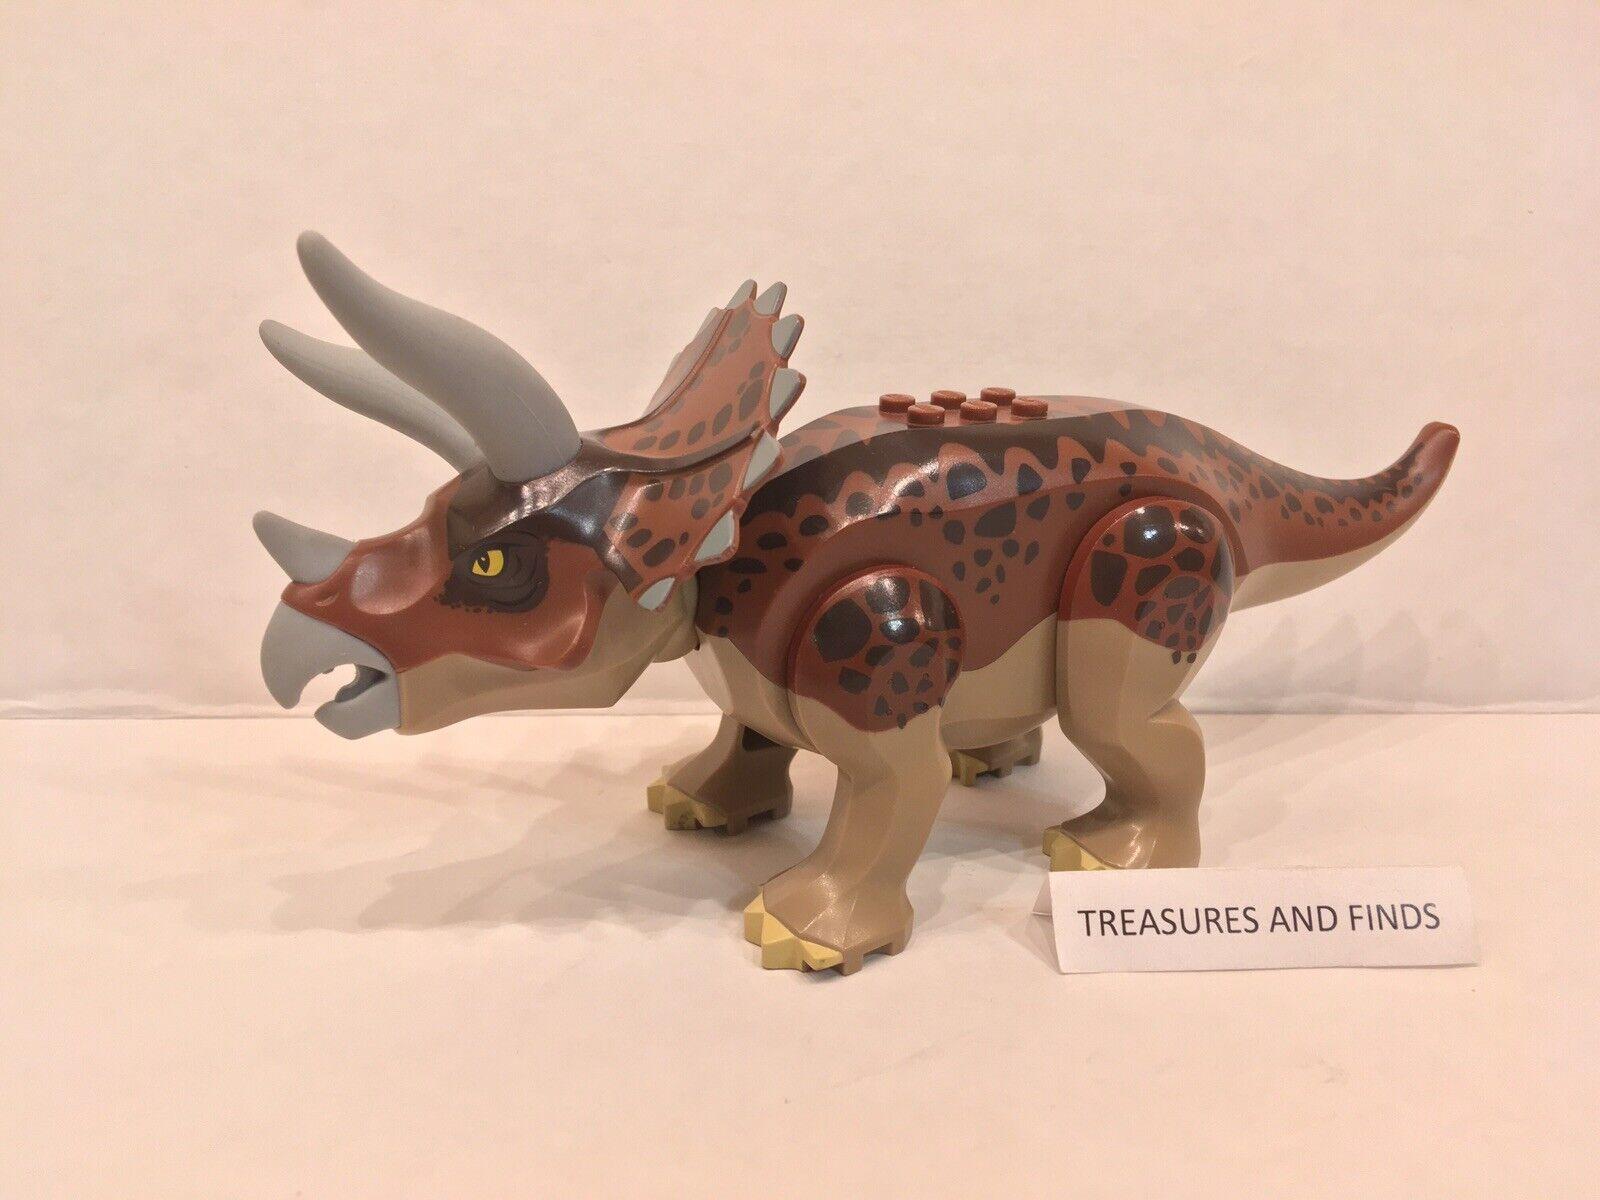 Genuine Lego Triceratops Dinosaurio Figura De Dino Set 5885, jubilado